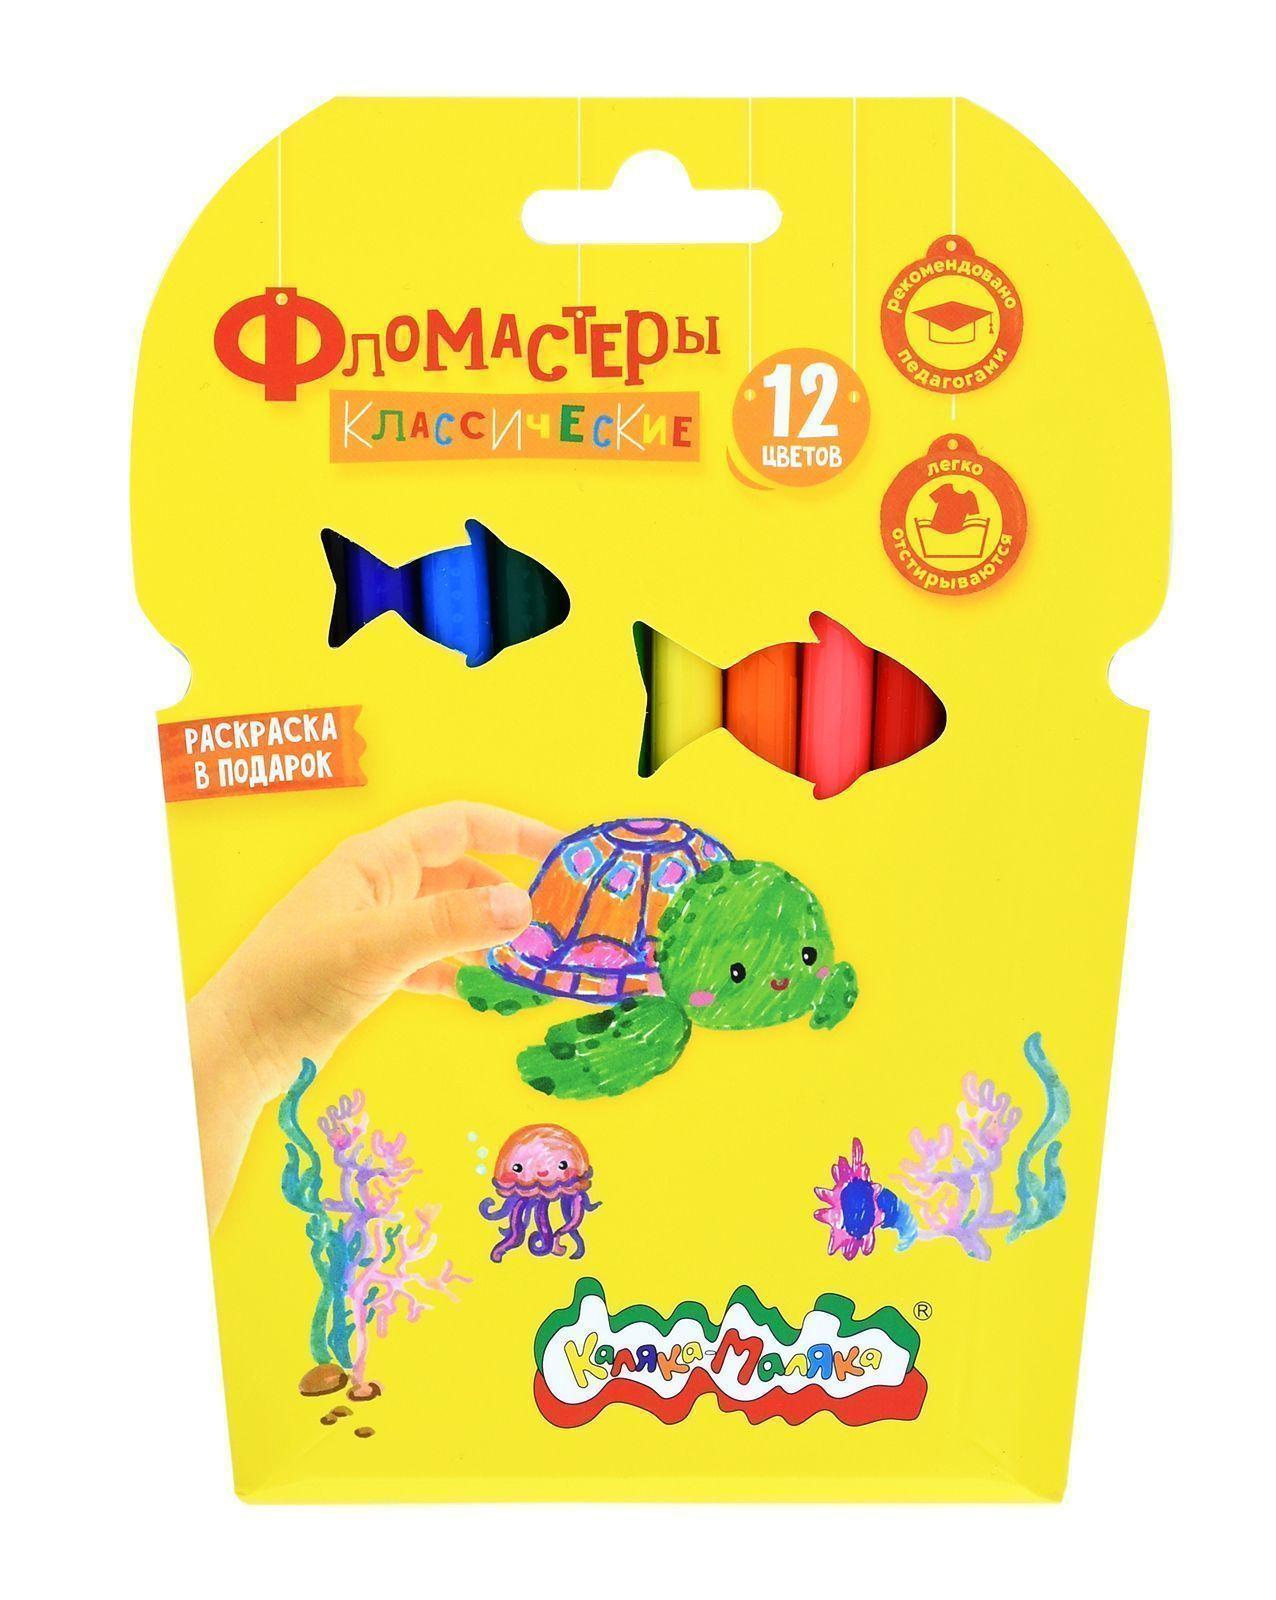 Фломастеры Каляка-Маляка 12 цветов, картонная упаковка, круглый корпус. классические